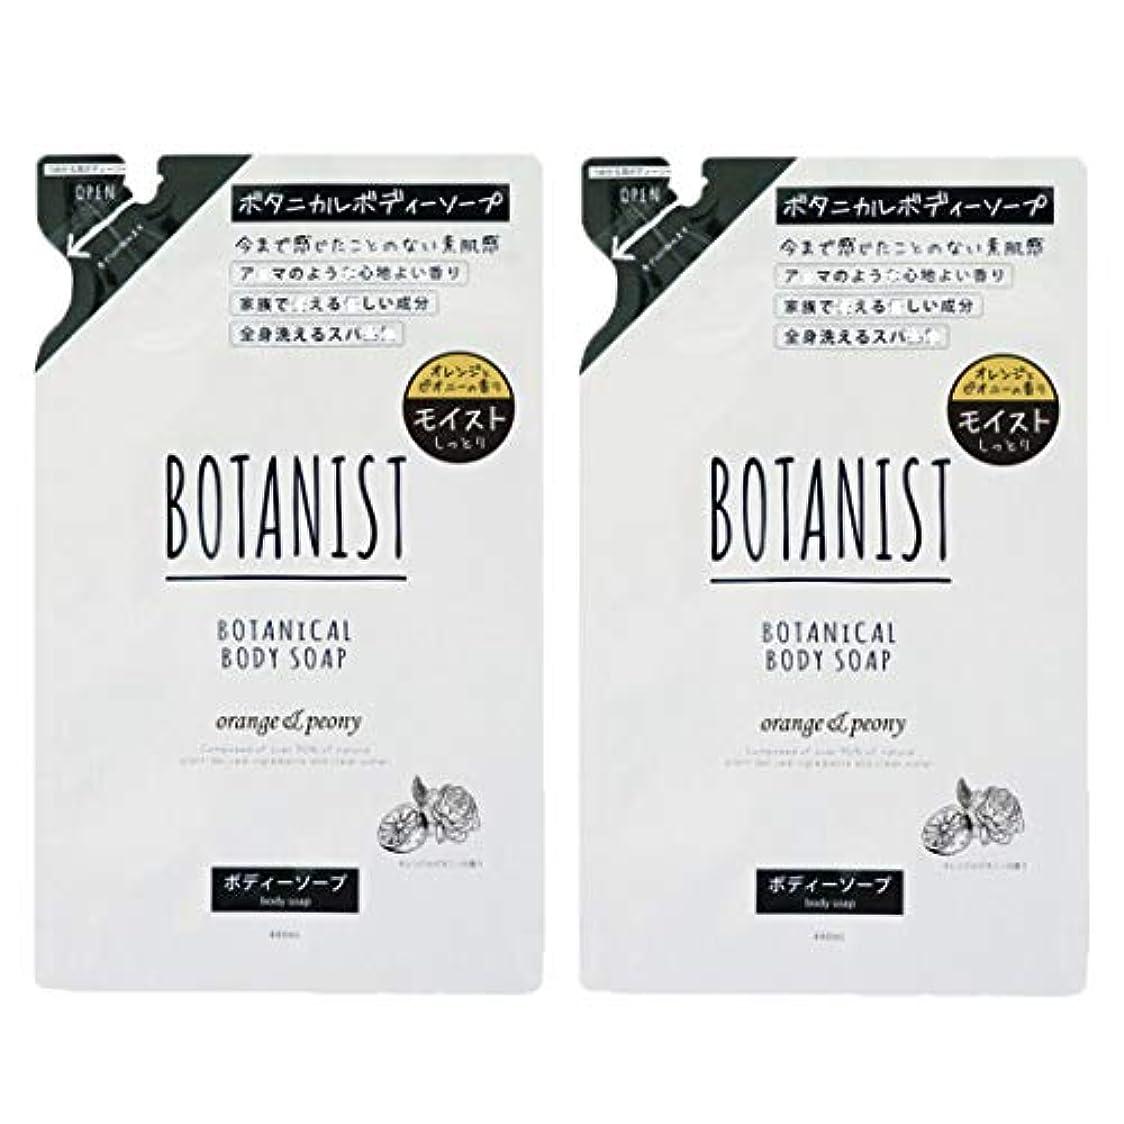 【詰め替えセット】BOTANIST ボタニスト ボタニカル ボディーソープ モイスト 440ml オレンジ&ピオニー 詰め替え 2パックセット